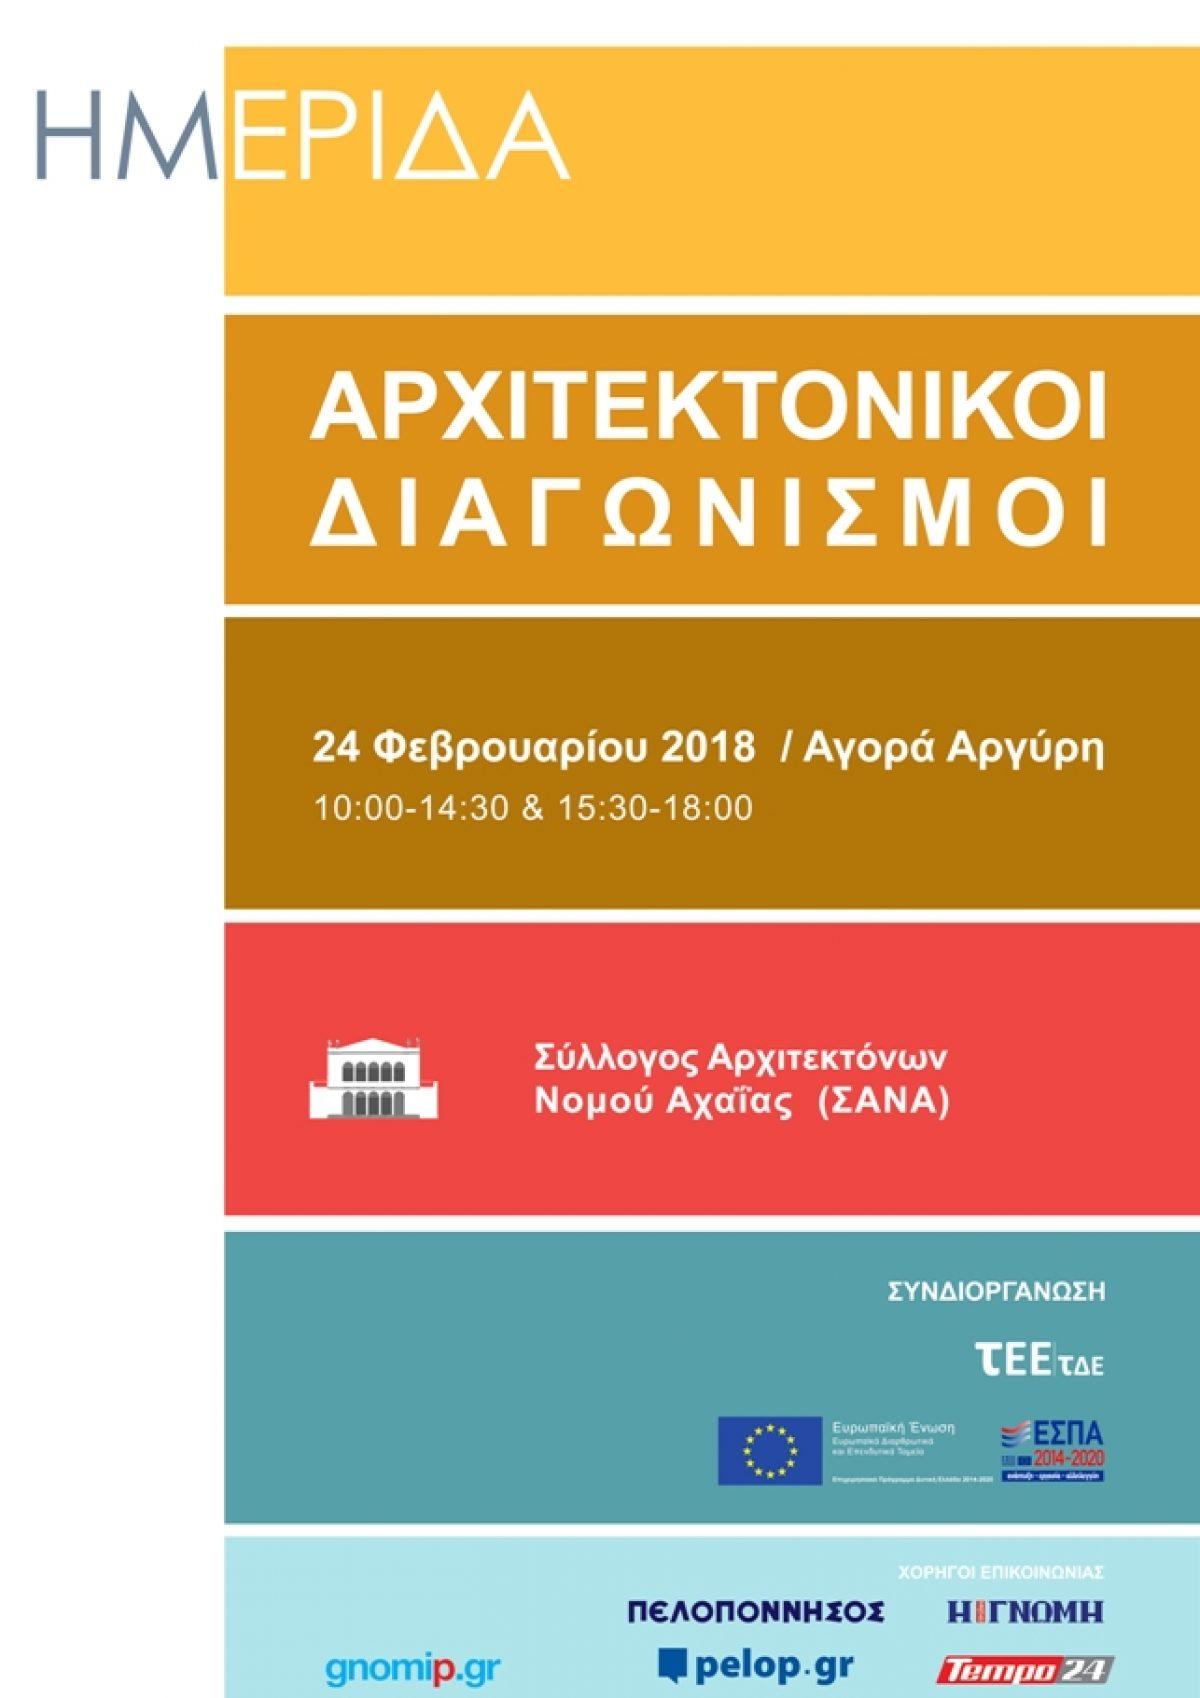 Ημερίδα: «Πανελλήνιοι Αρχιτεκτονικοί Διαγωνισμοί – θεσμικό πλαίσιο και παραδείγματα», Πάτρα 24 Φεβρουαρίου 2018